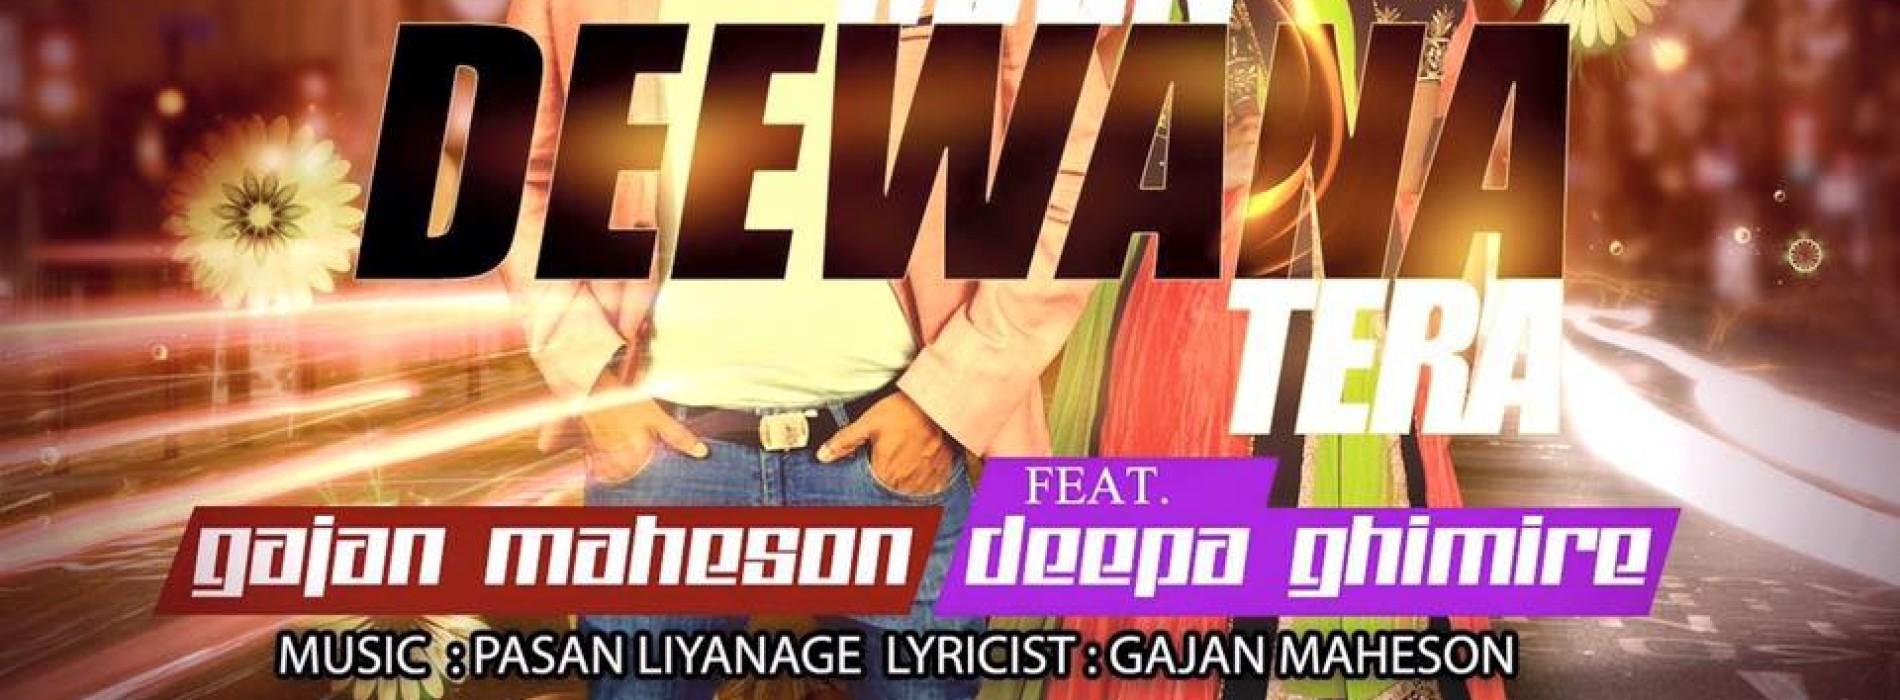 Gajan Maheson Ft Deepa Ghimire – Main Deewana Tera (Official Video)